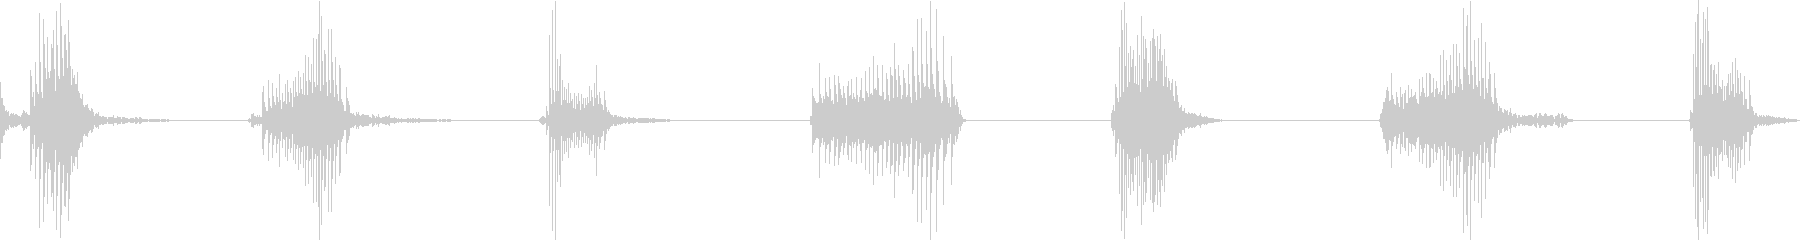 シートメタル、バウンス、インパクト...の未再生の波形